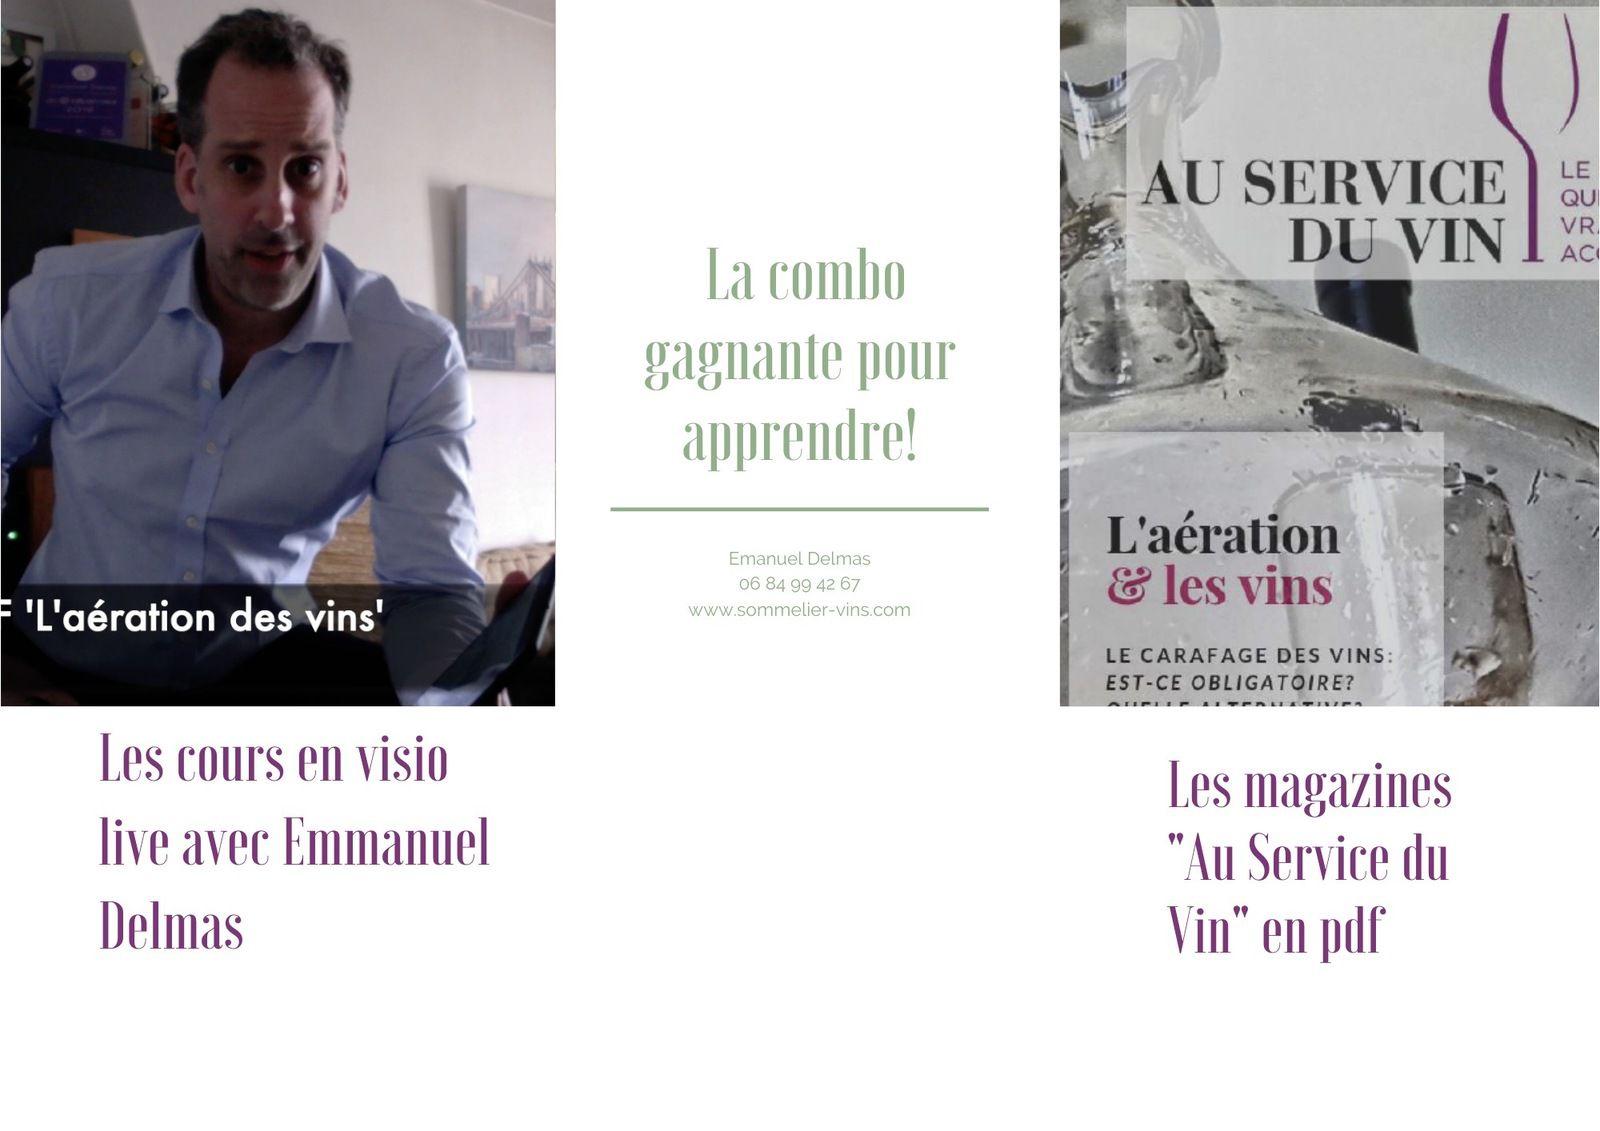 LES MAGAZINES VIN PDF AU SERVICE DU VIN